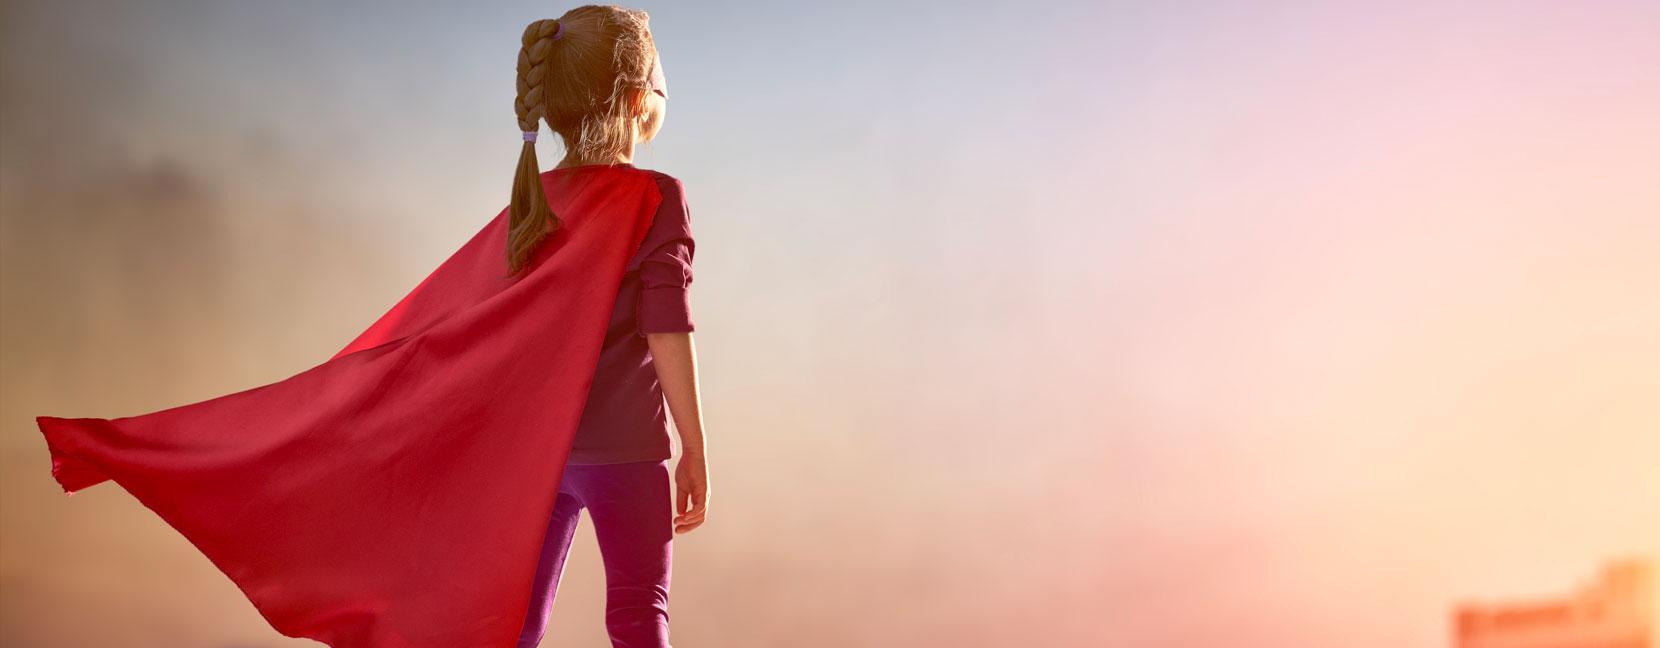 Bambina vestita da supereroina